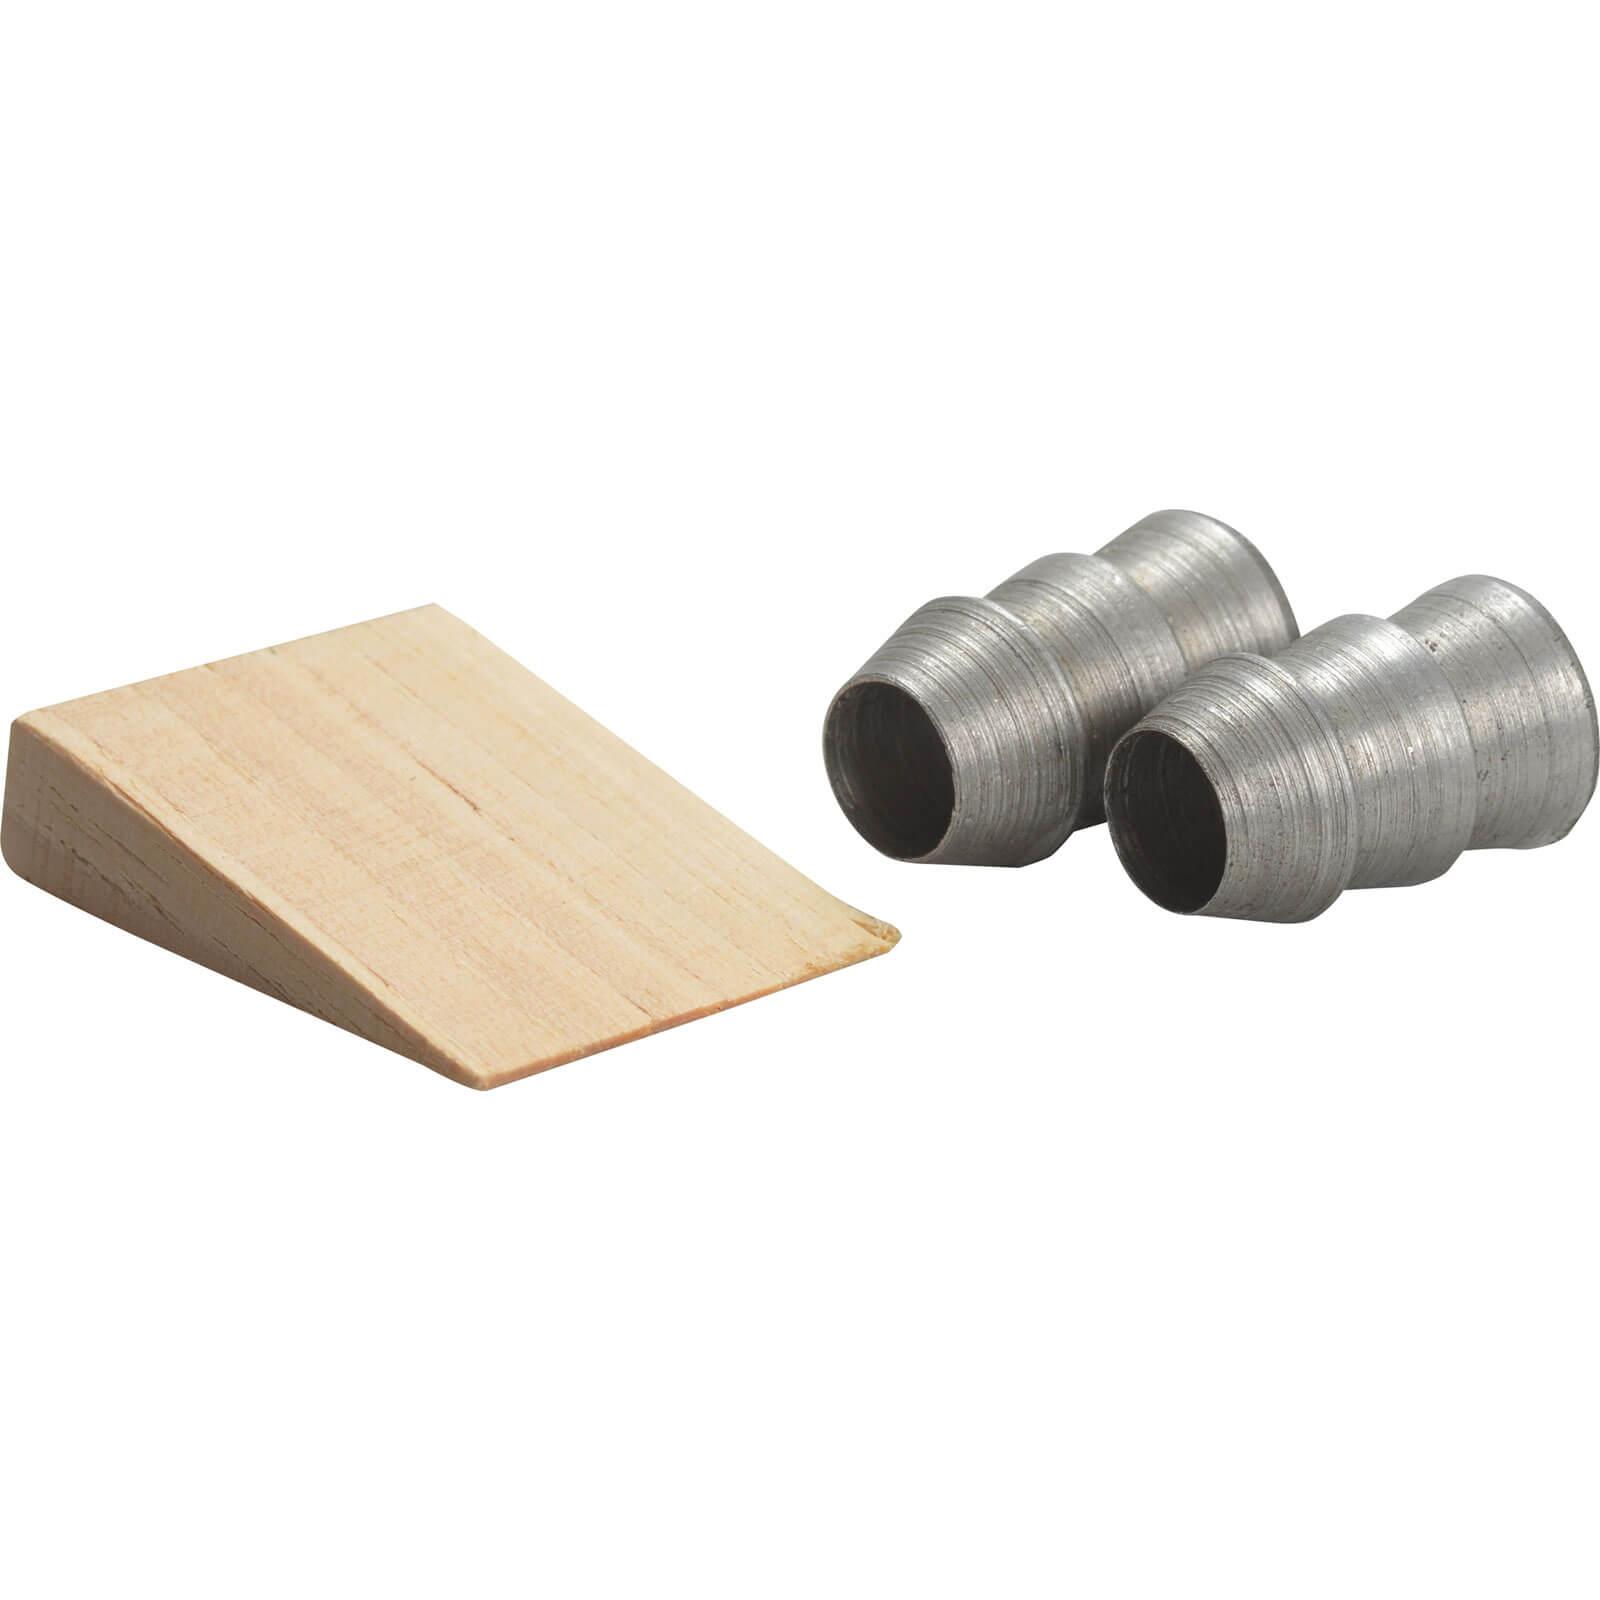 Image of Faithfull Hammer Wedges & Timber Wedges Size 4